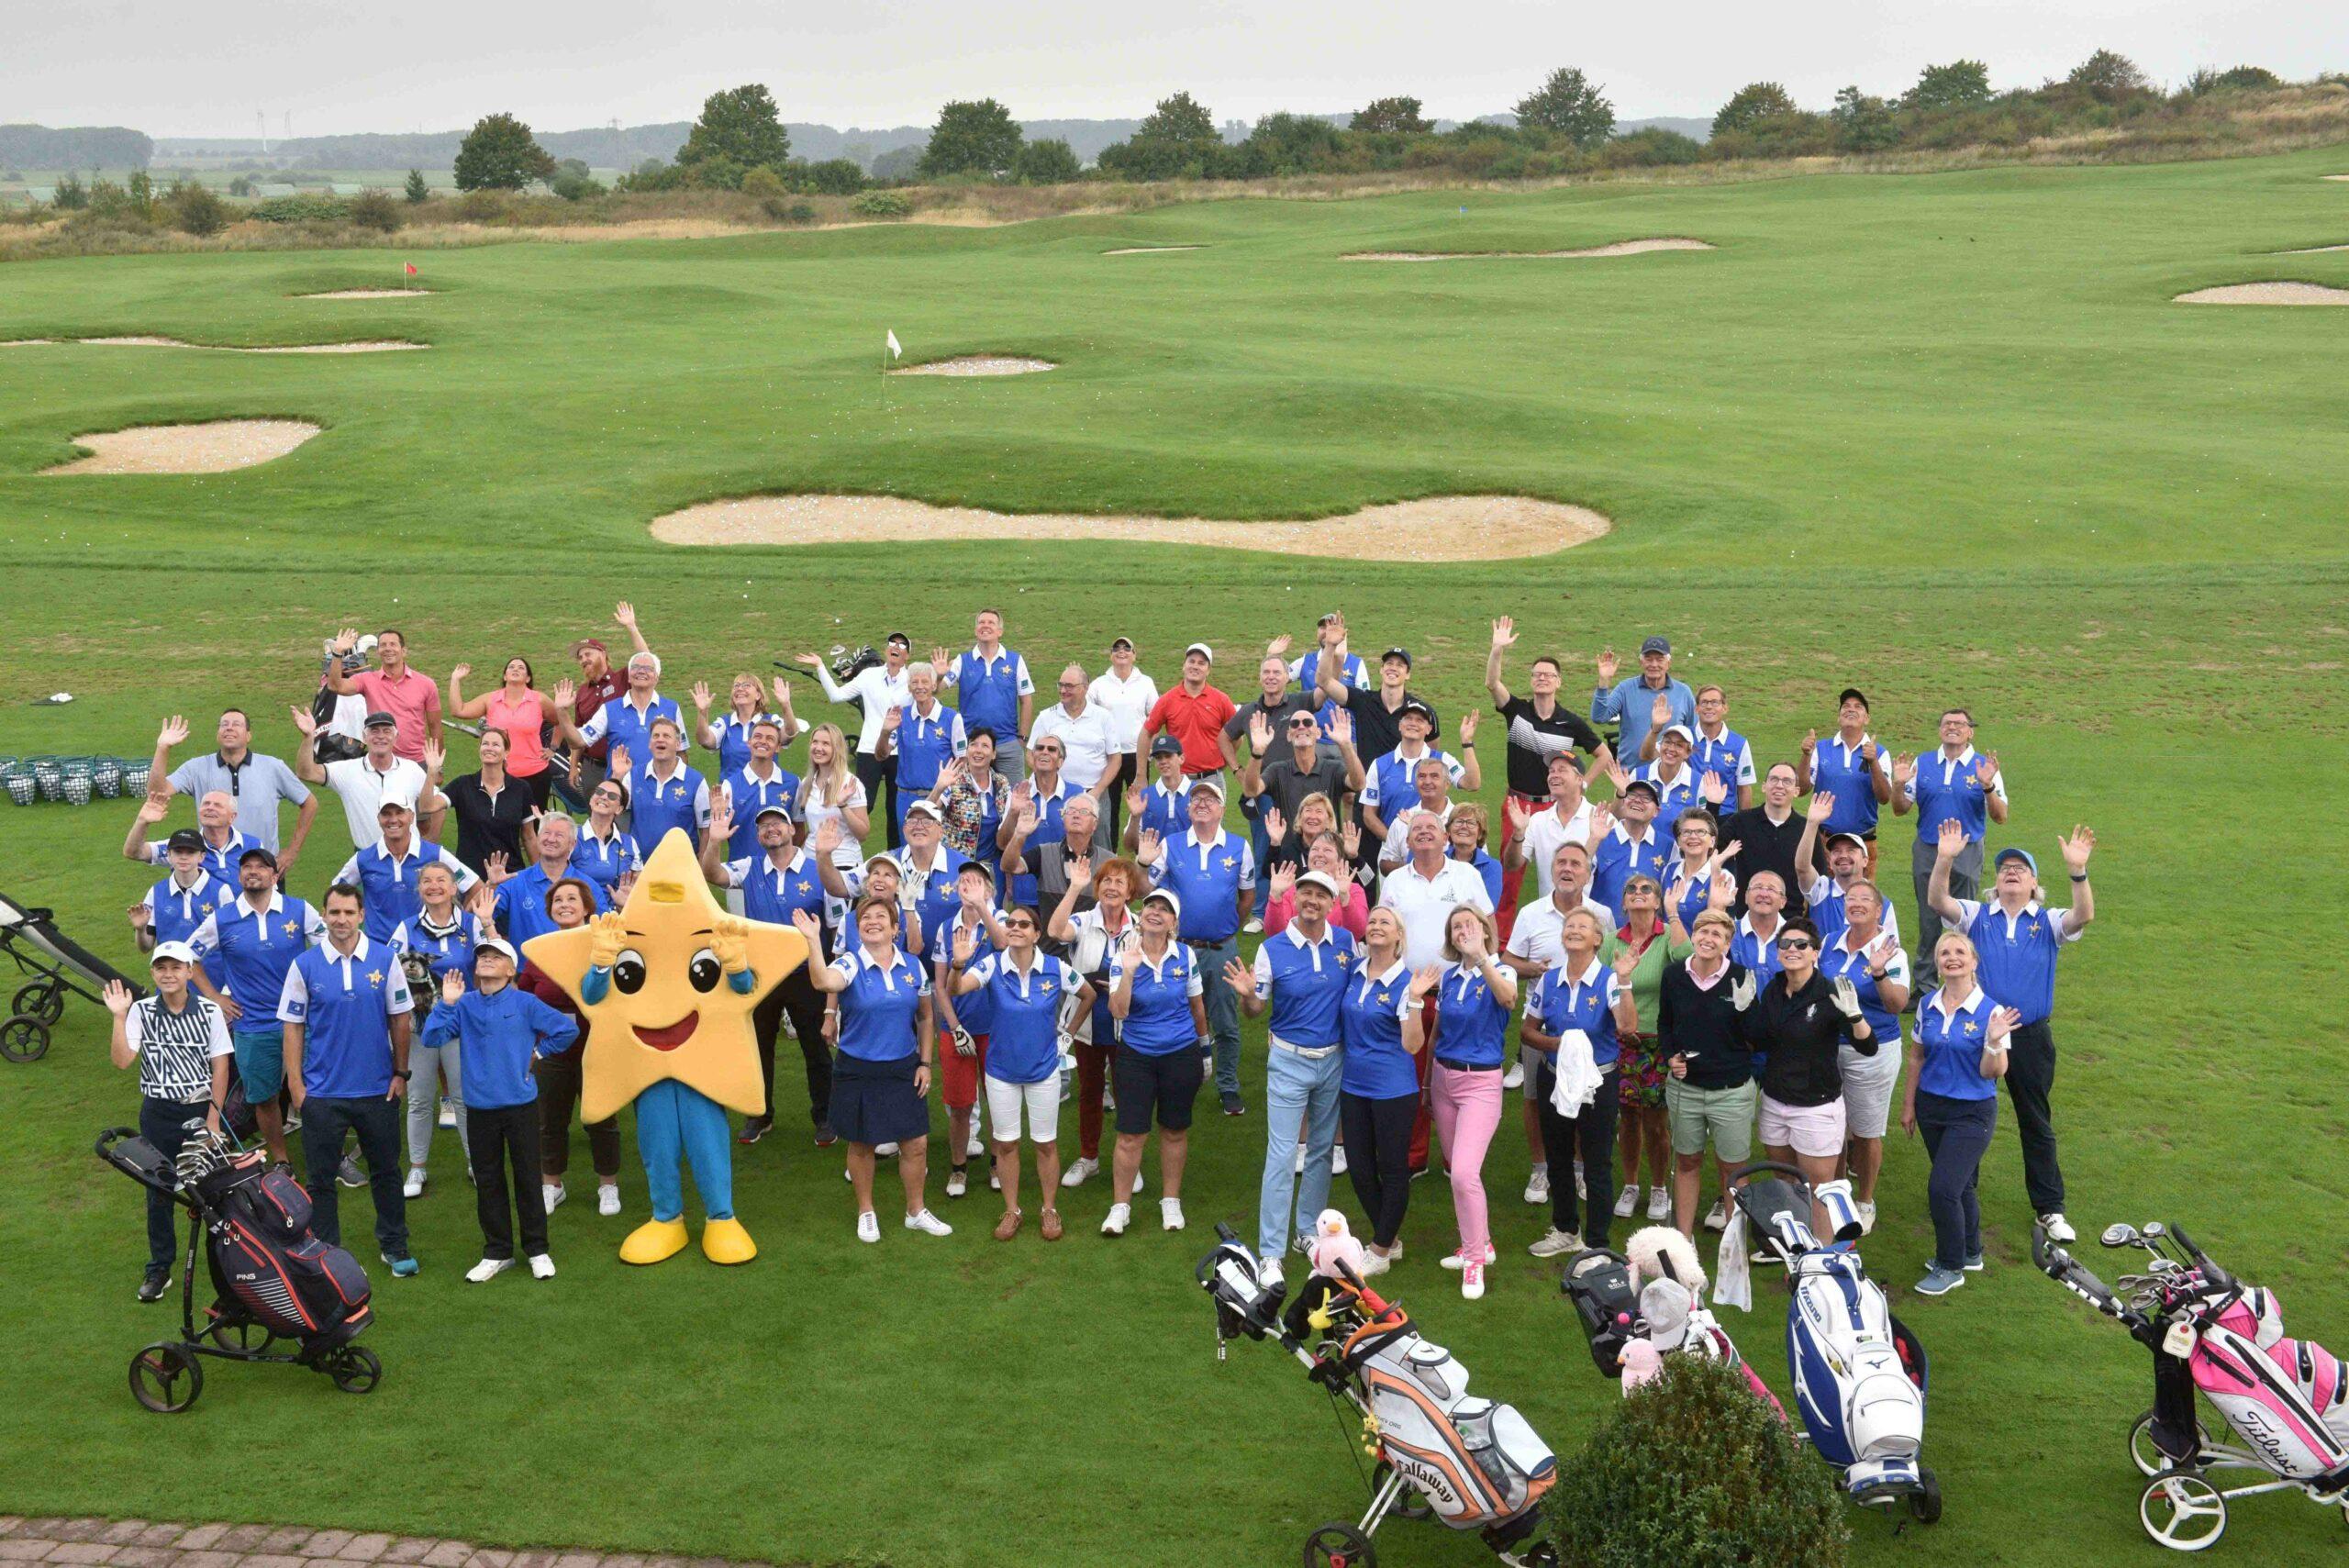 GruppenfotoWeb2 scaled - 8. Nicolas Kiefer Charity zu Gunsten von Aktion Kindertraum auf dem Golfplatz in Gleidingen